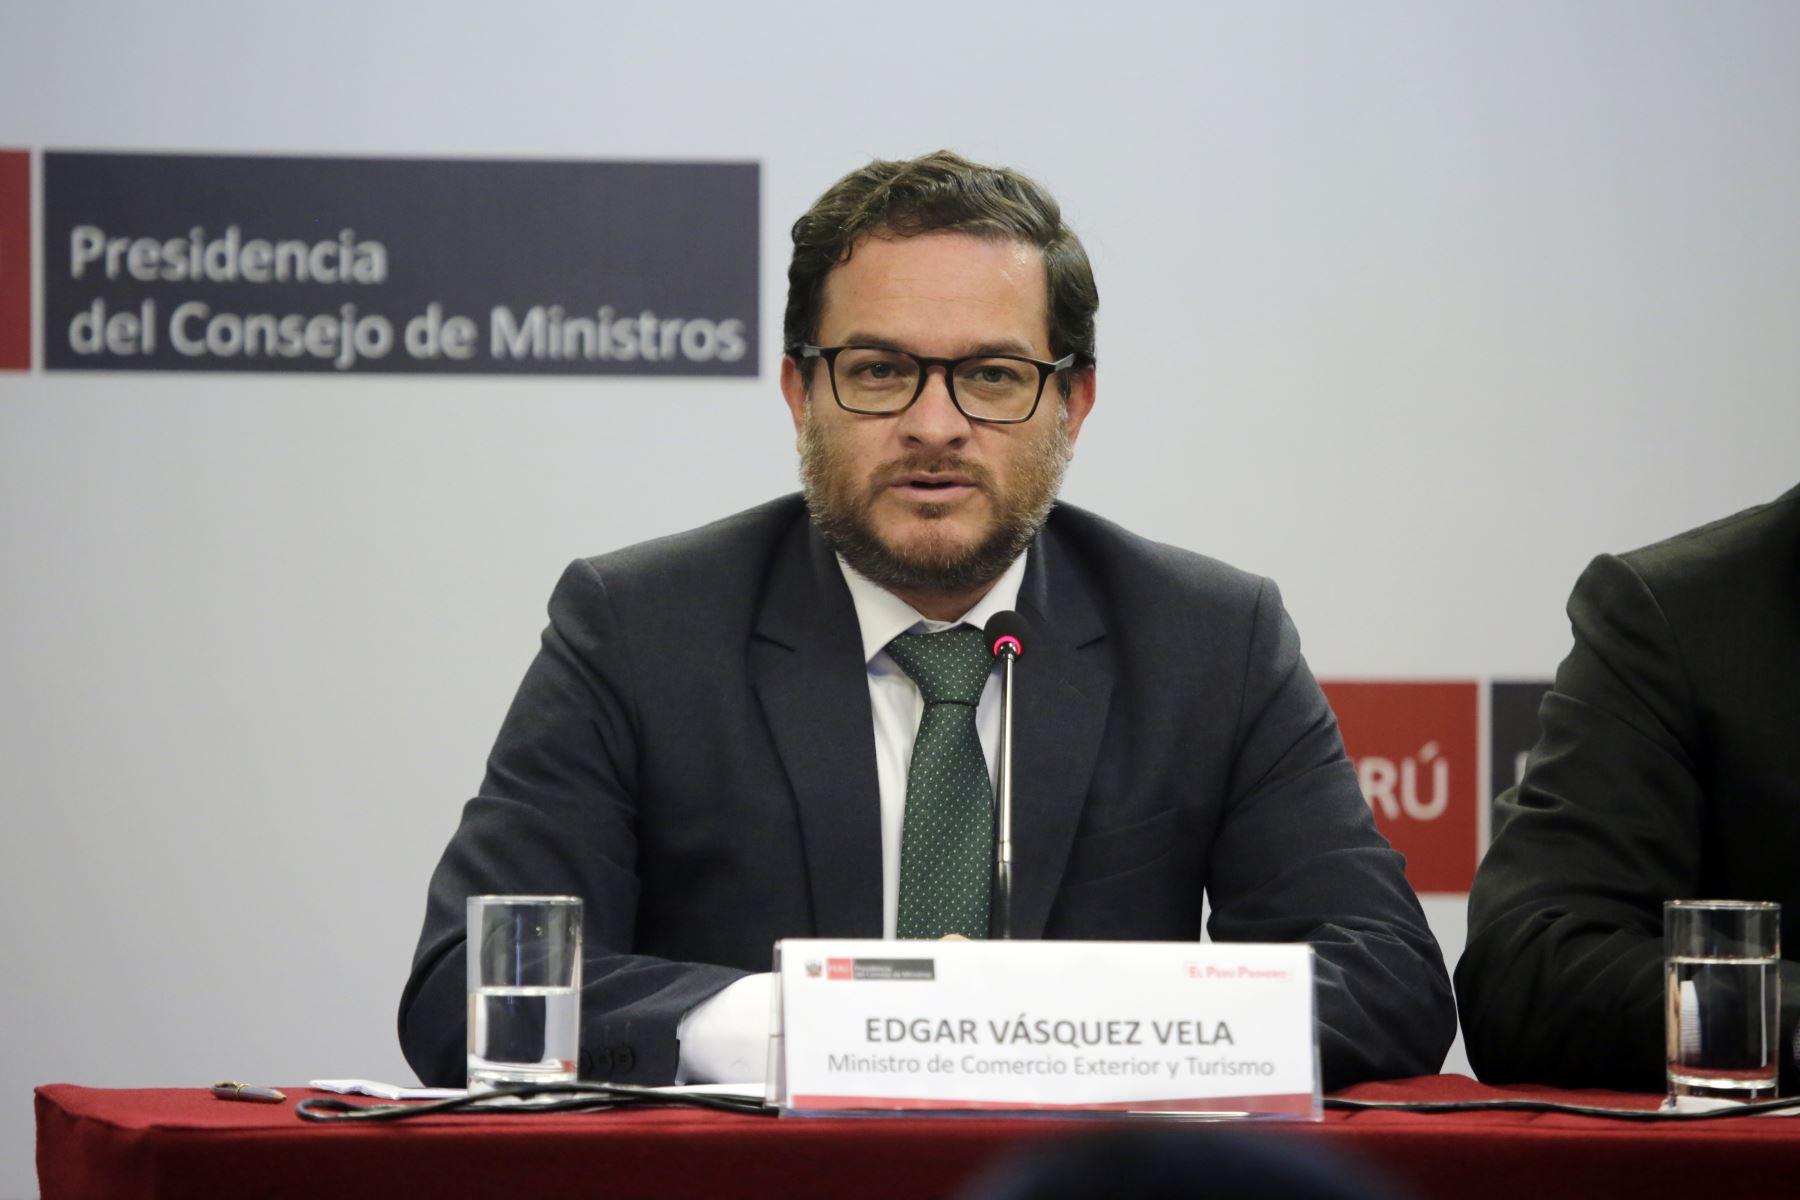 Conferencia de prensa del Ministro de Comercio Exterior y Turismo, Edgar  Vásquez Vela junto al  primer ministro, Salvador del Solar. Foto: ANDINA/PCM